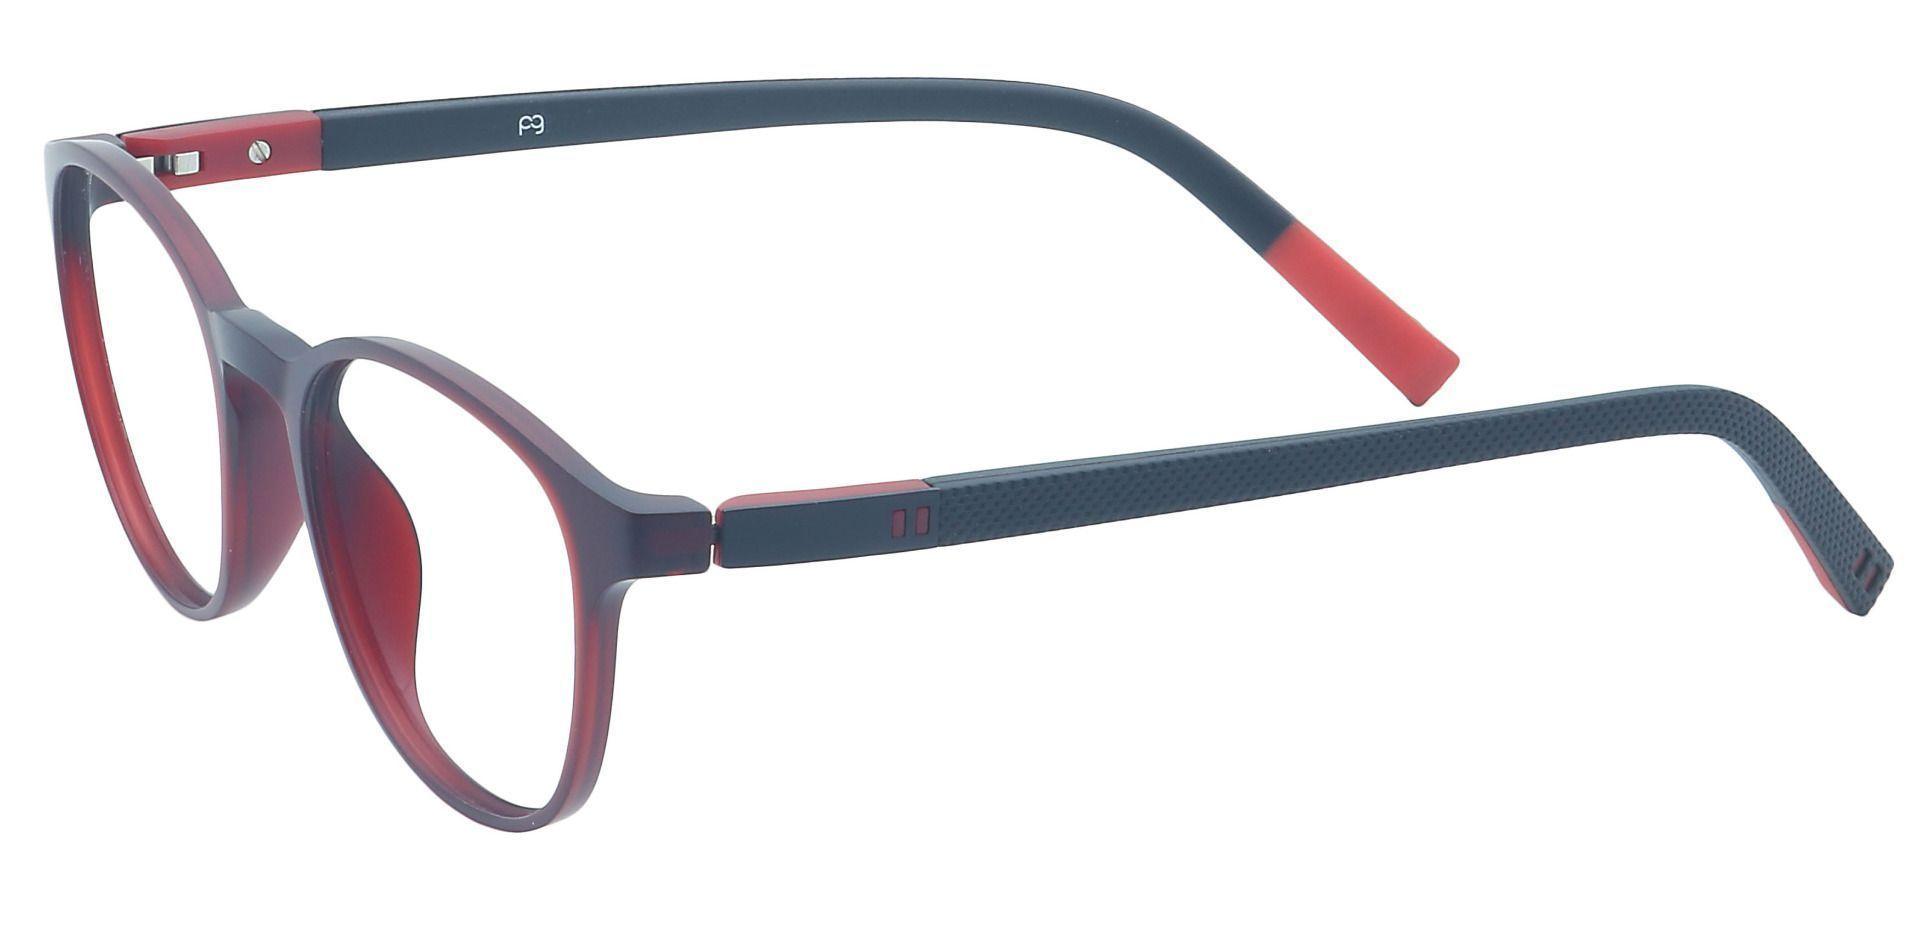 Flex Round Non-Rx Glasses - Red